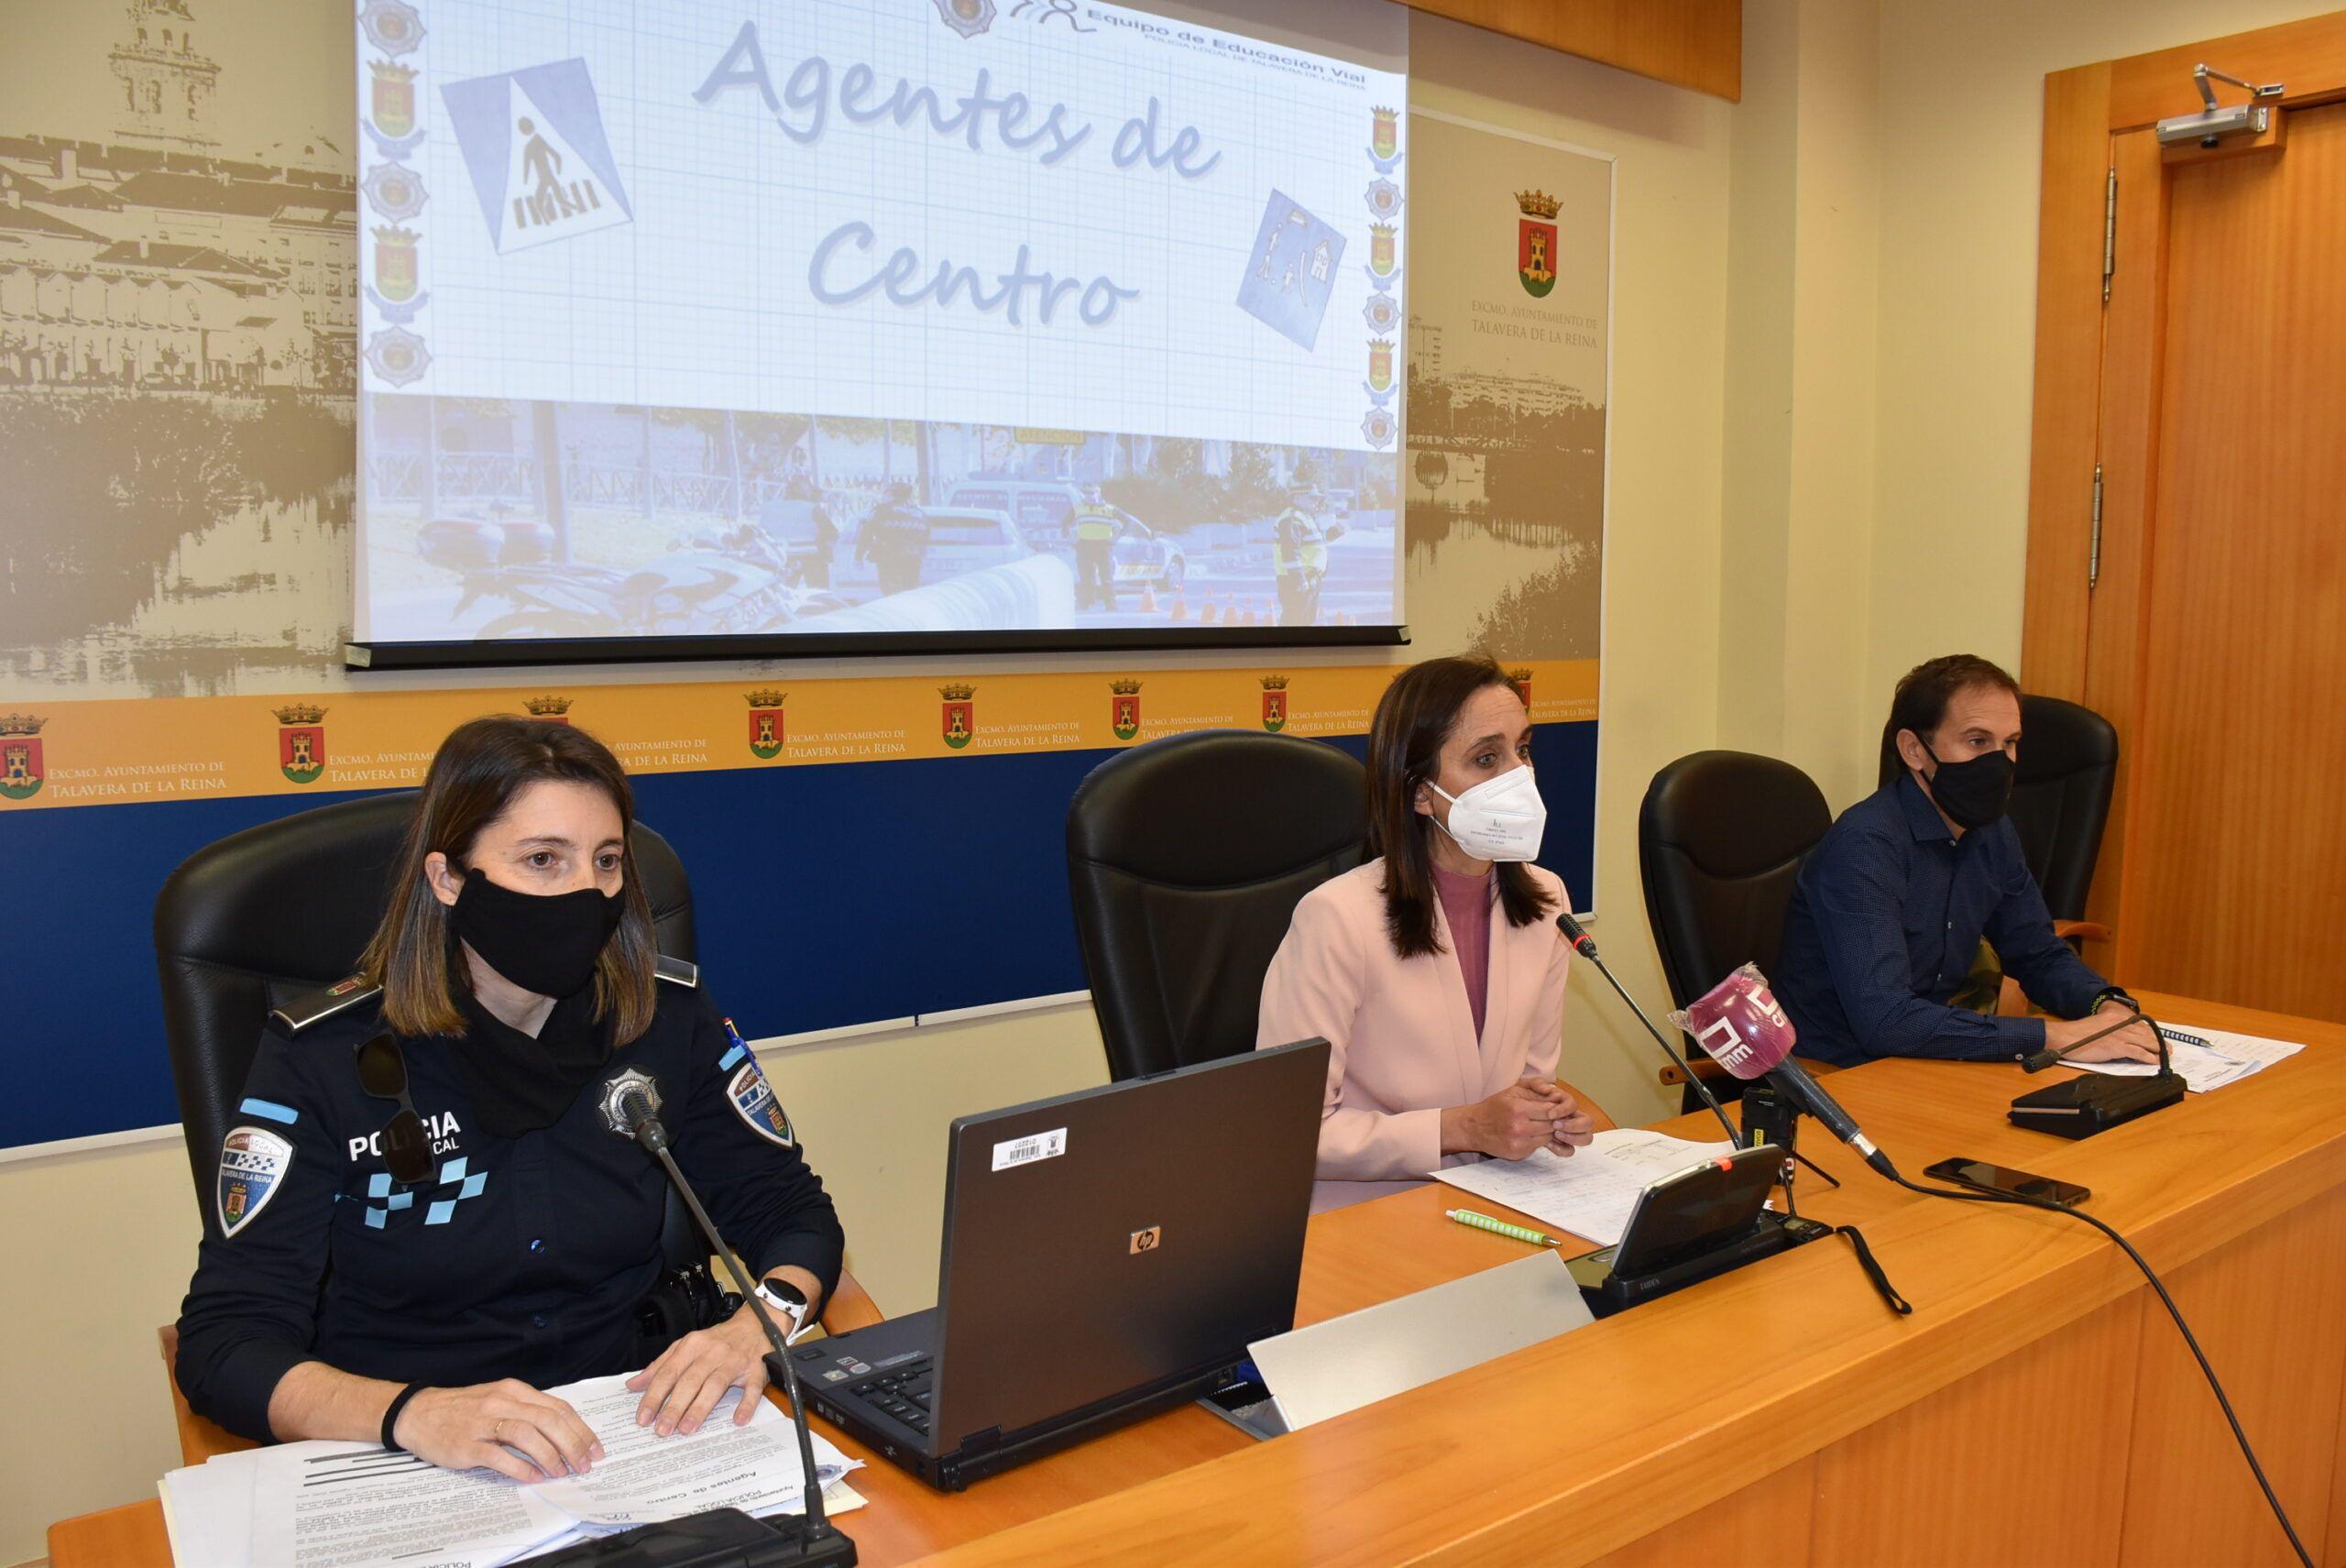 El Ayuntamiento y la Policía Local ponen en marcha los 'Agentes de Centro', acción que aspira a una regulación pacífica del tráfico y la creación de entornos escolares seguros